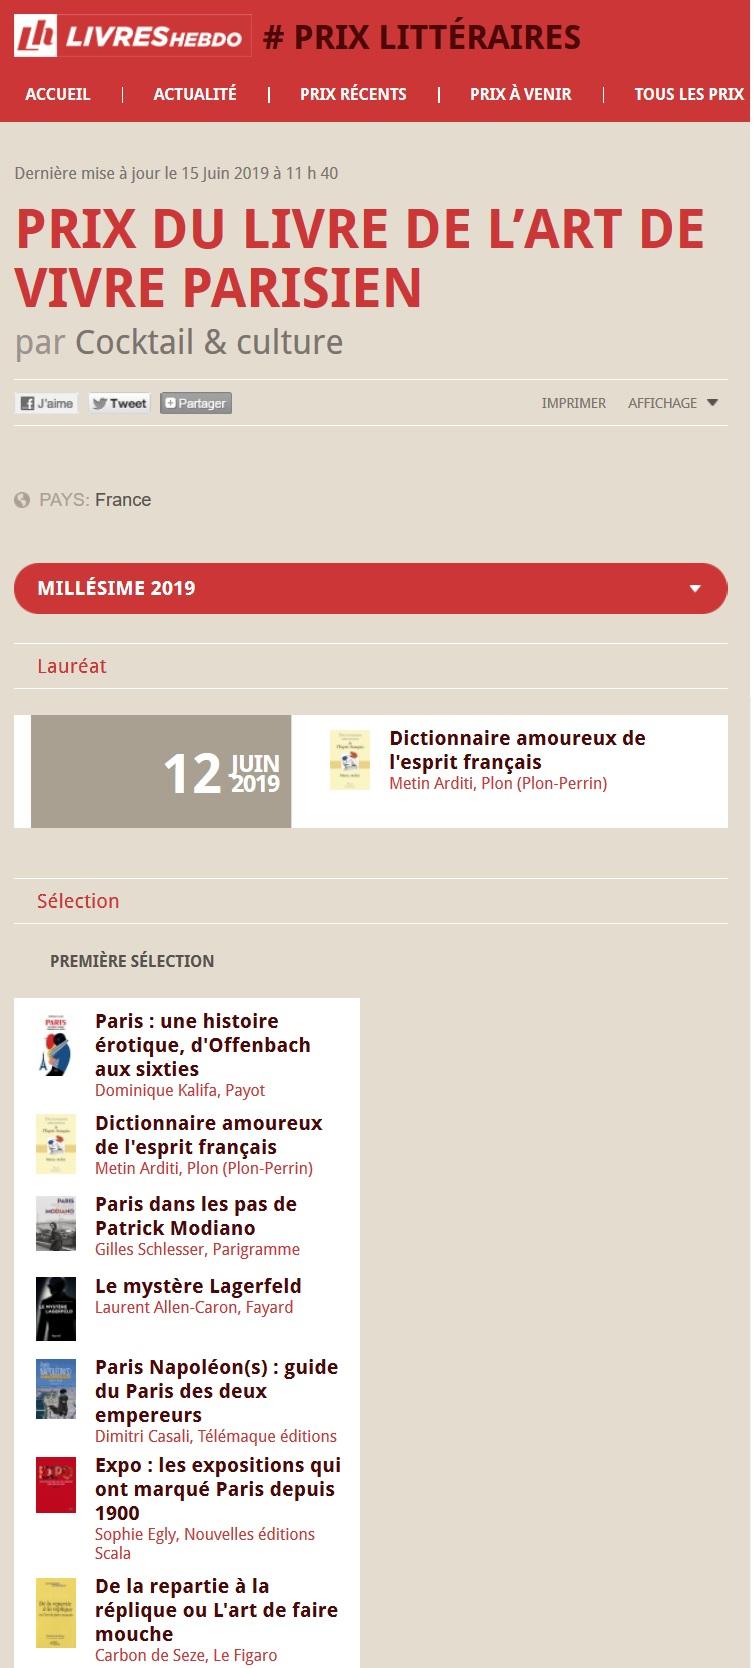 Article Livres Hebdo Prix du Livre de L'art de Vivre Parisien 2019 lauréat